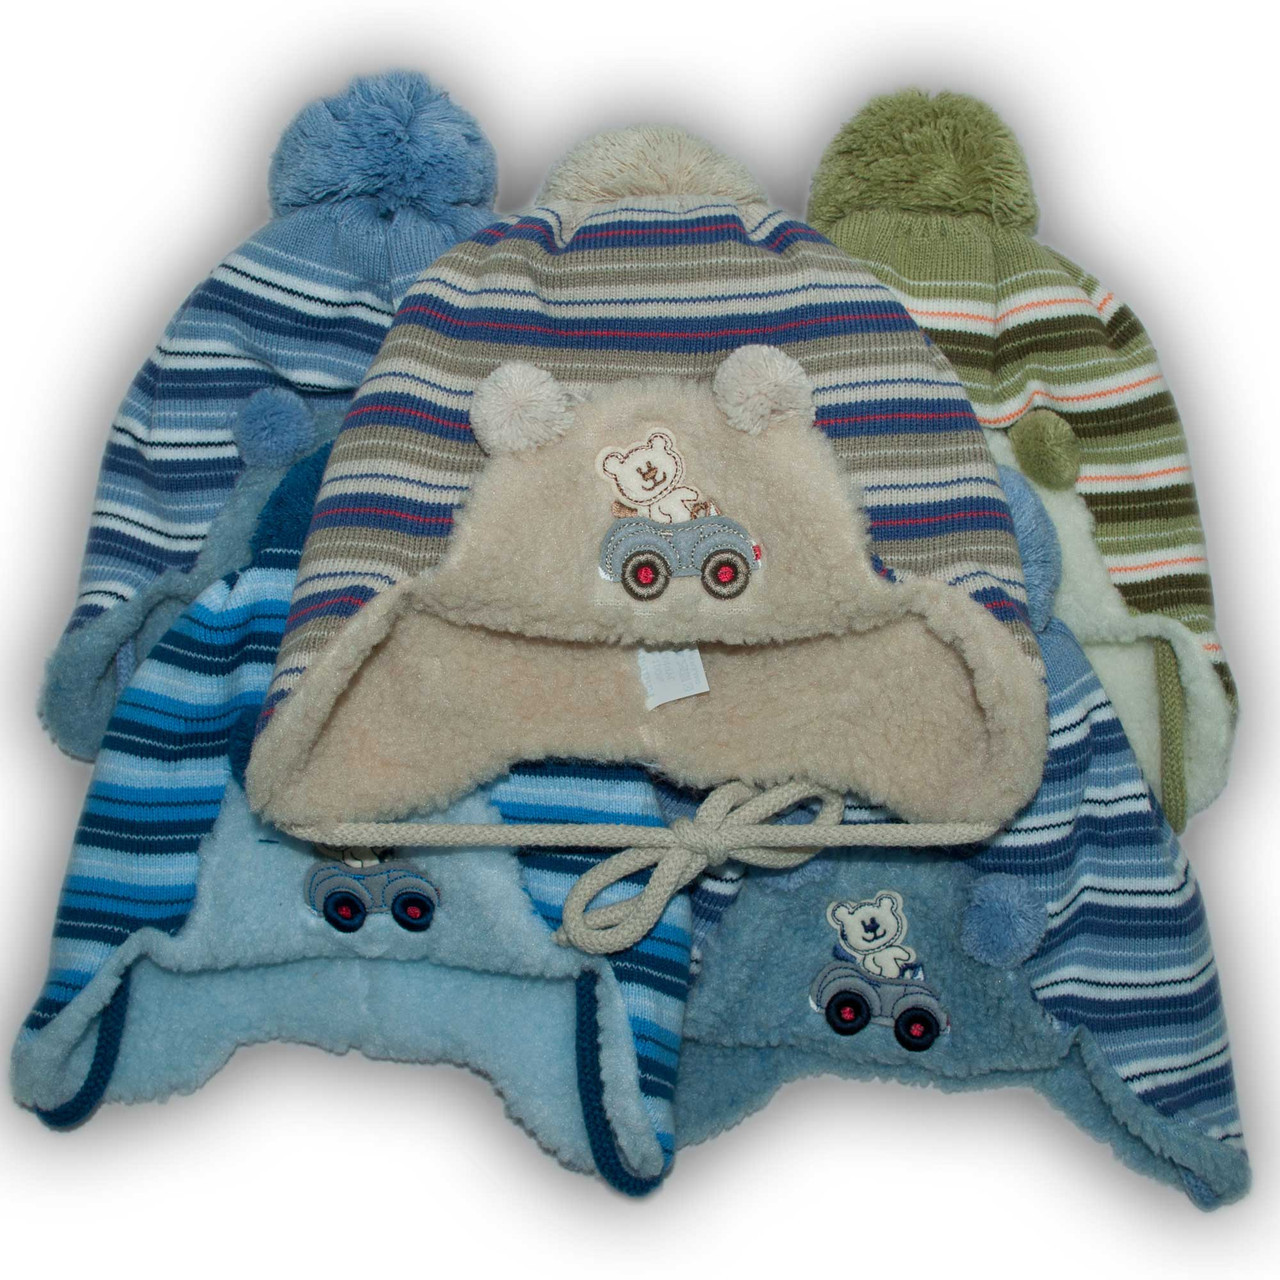 Комплект (шапка + шарф) Польского производителя Ambra с подкладкой искуственный мех, модель H48/МЕХ